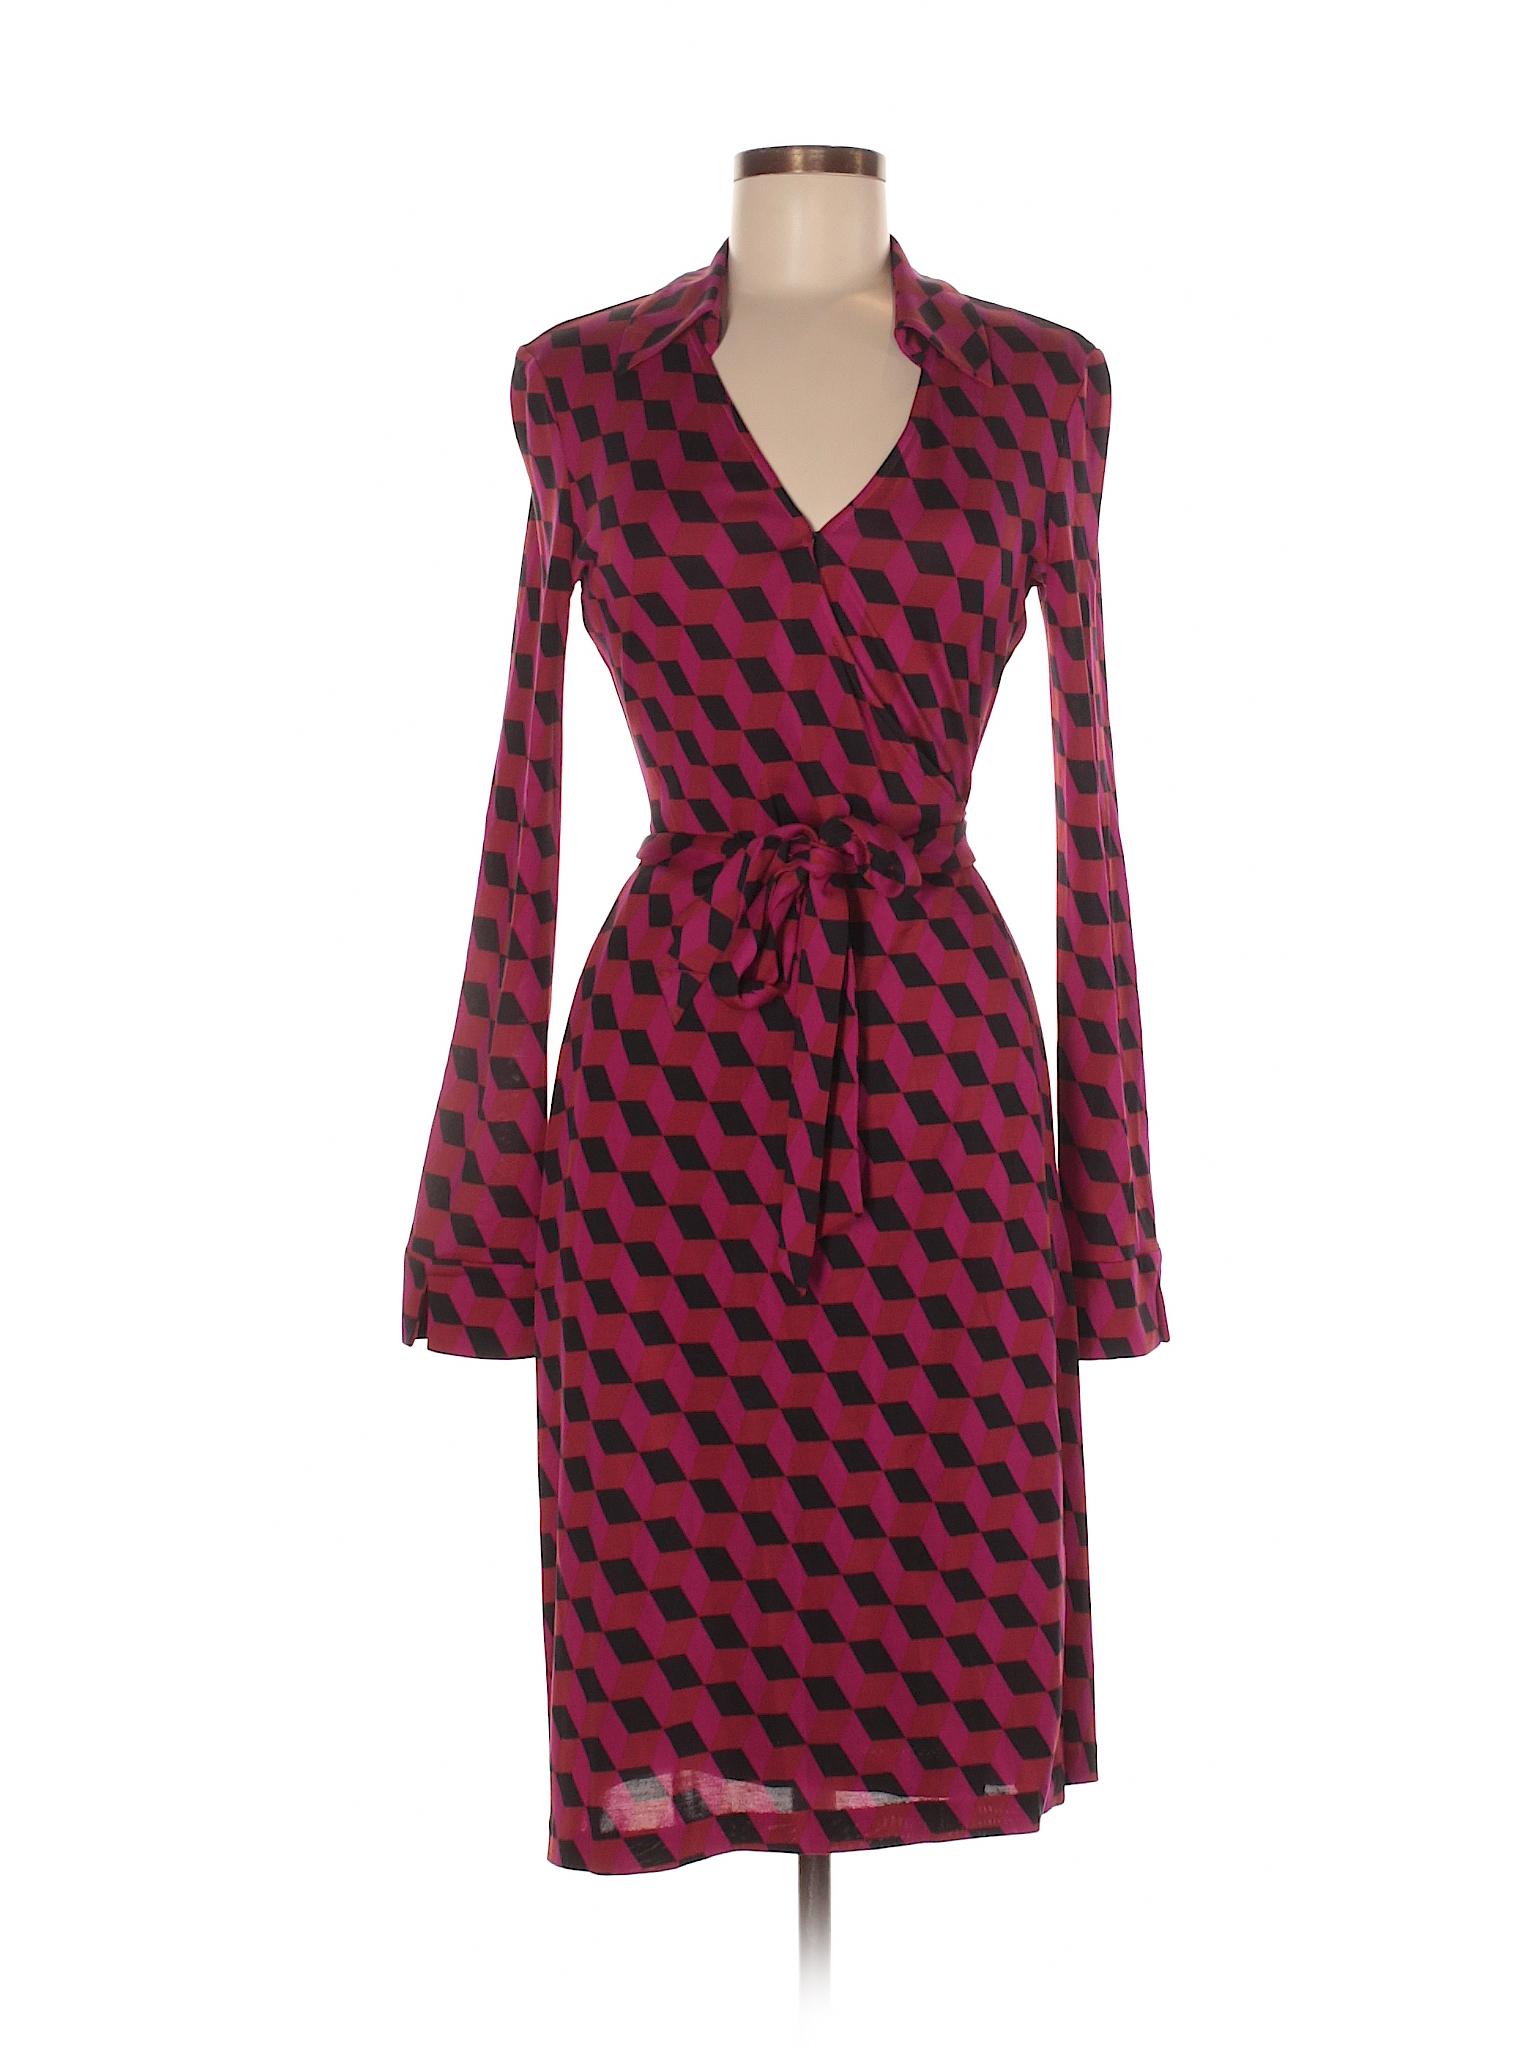 Diane Casual Furstenberg Von Dress Winter Boutique 5nfqwpItEx